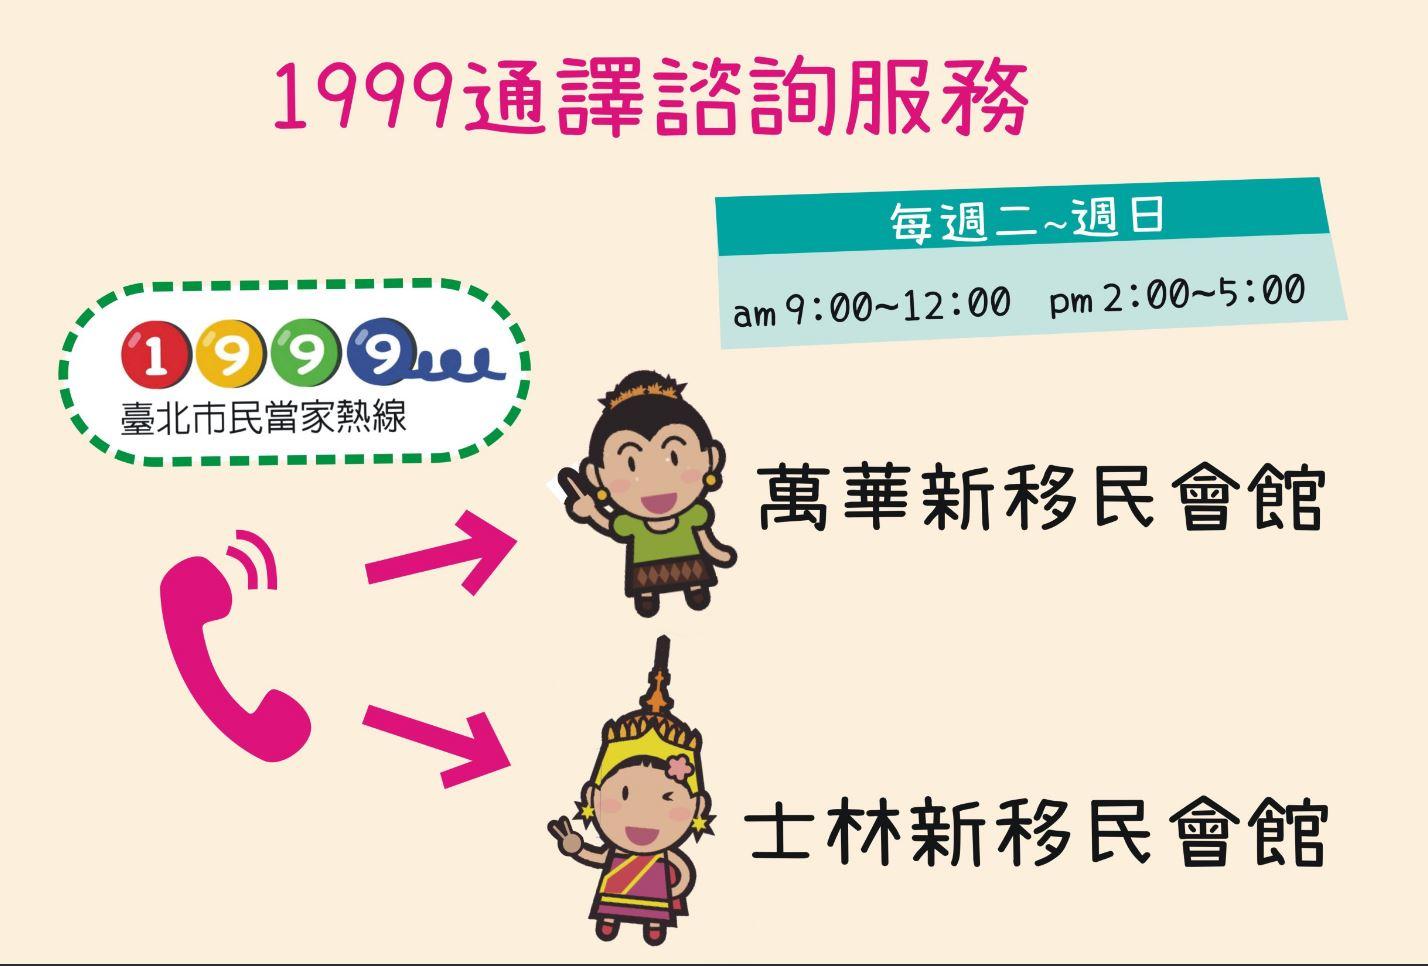 臺北市1999服務再升級:提供越、印、泰語諮詢服務